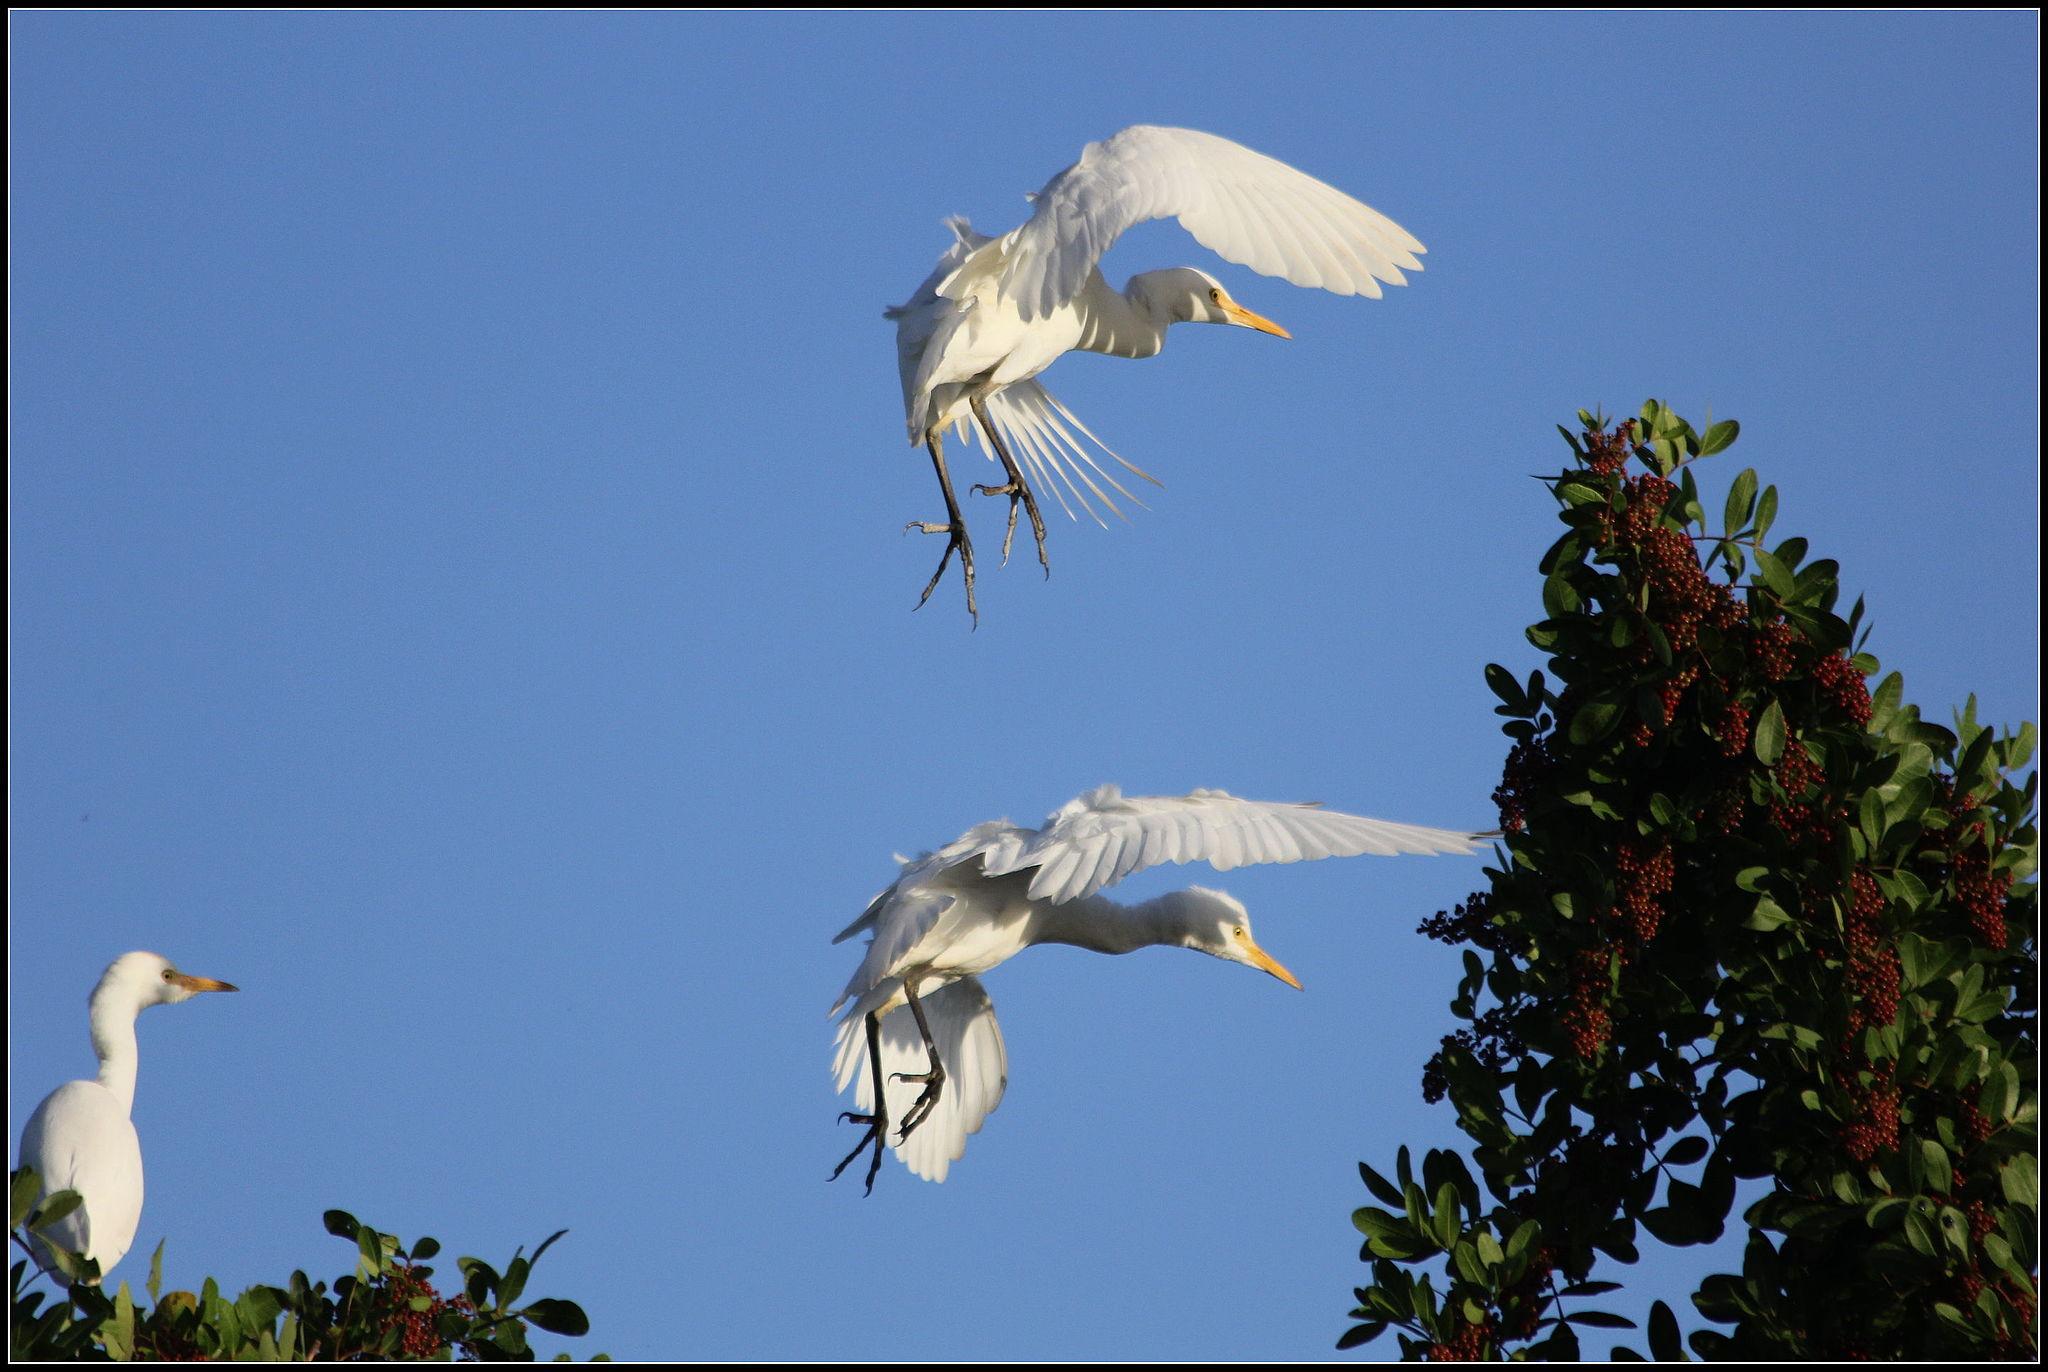 White herons in flight